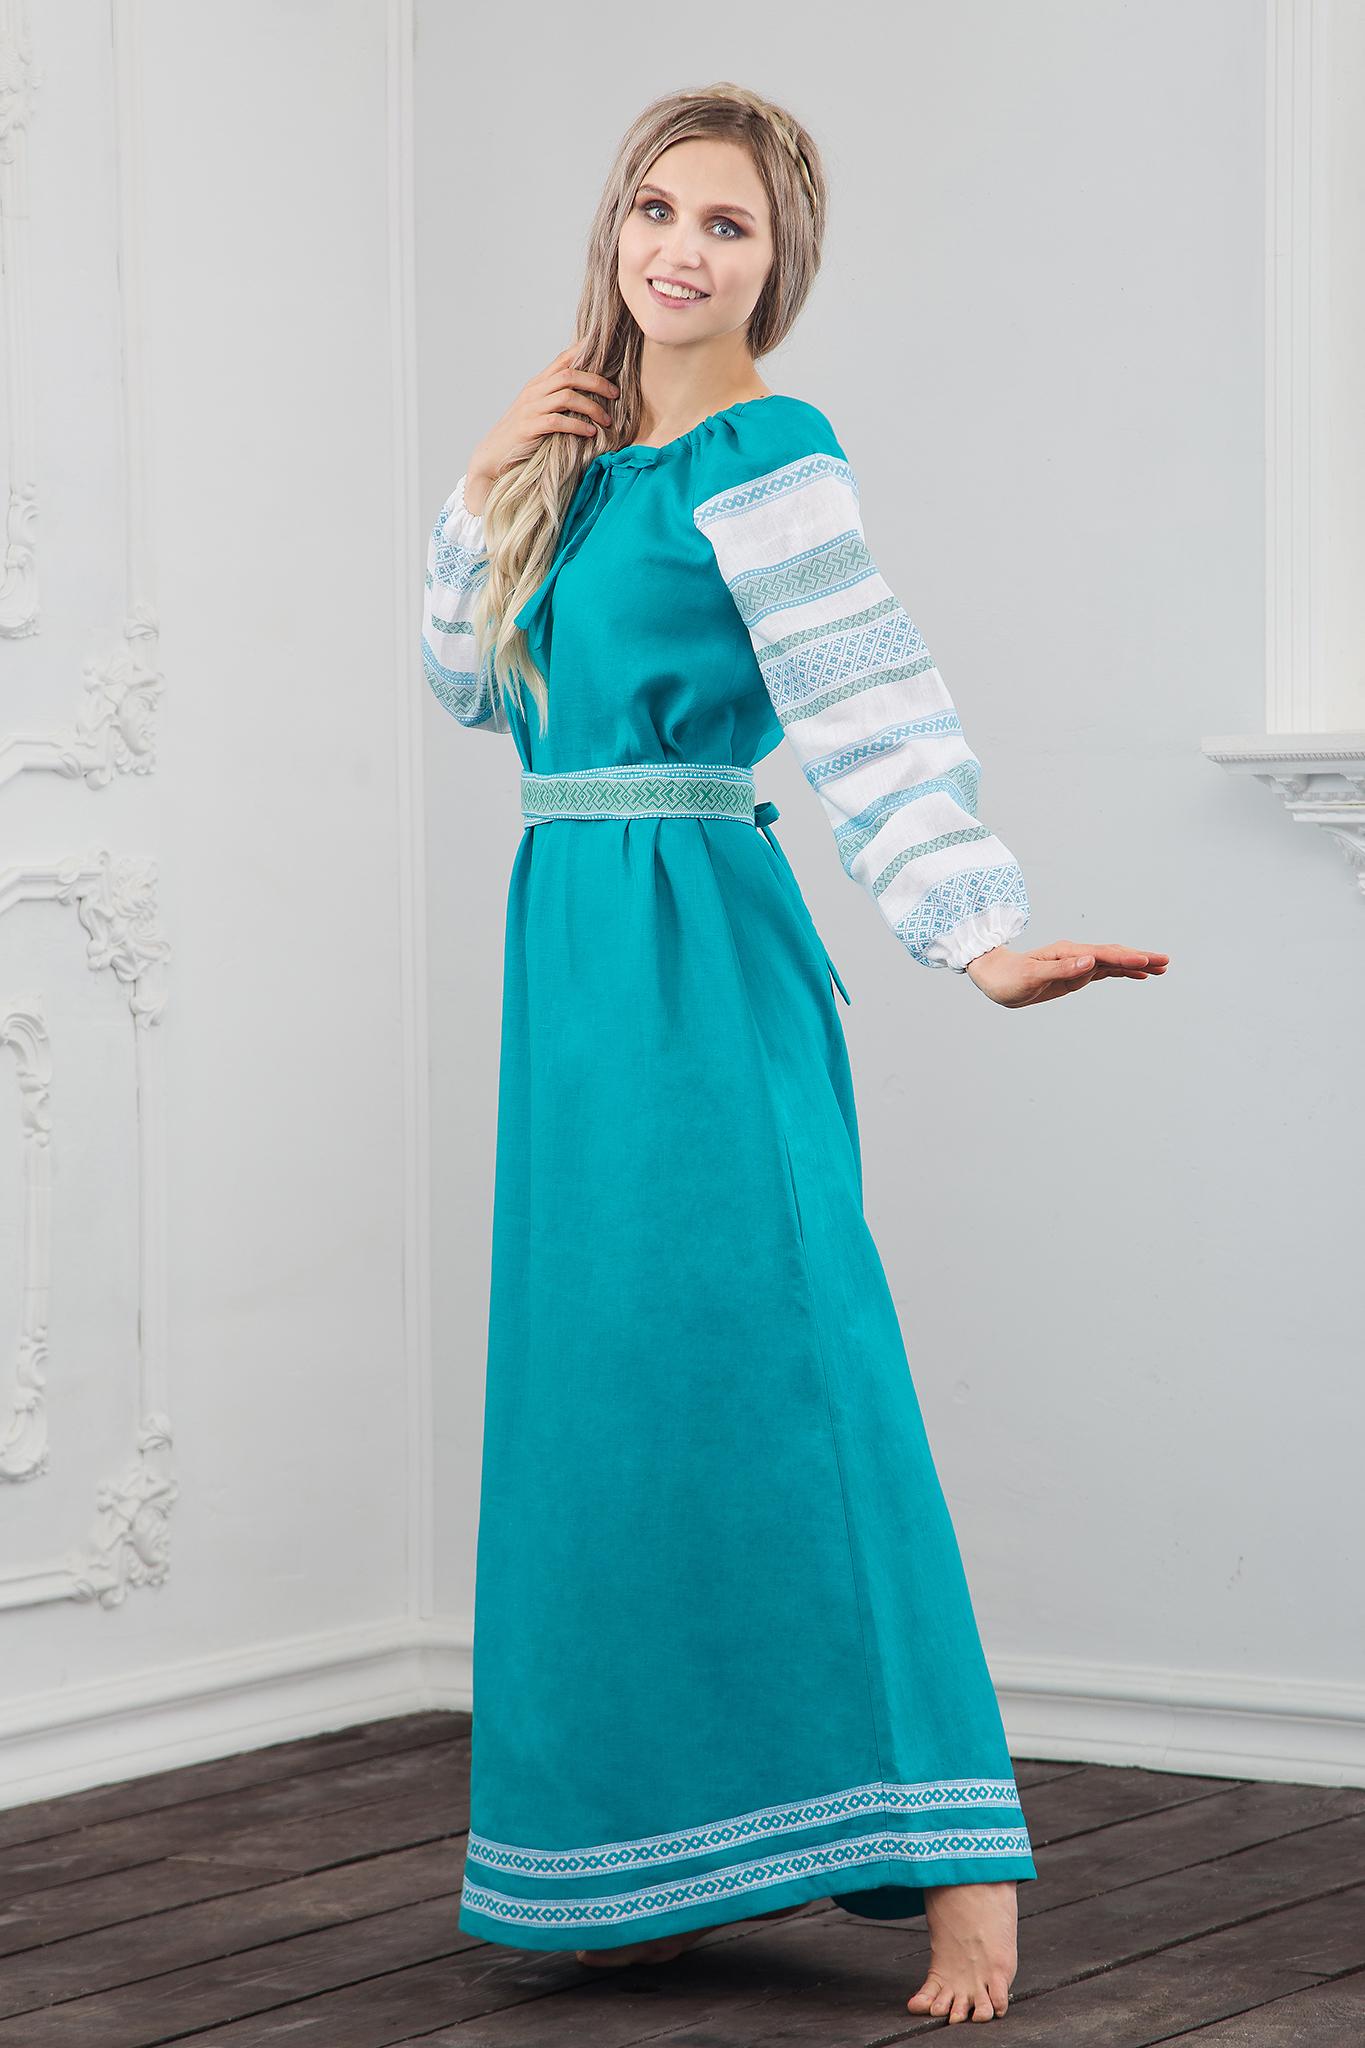 Традиционное славянское платье нежно лазурного цвета с обережным орнаментом